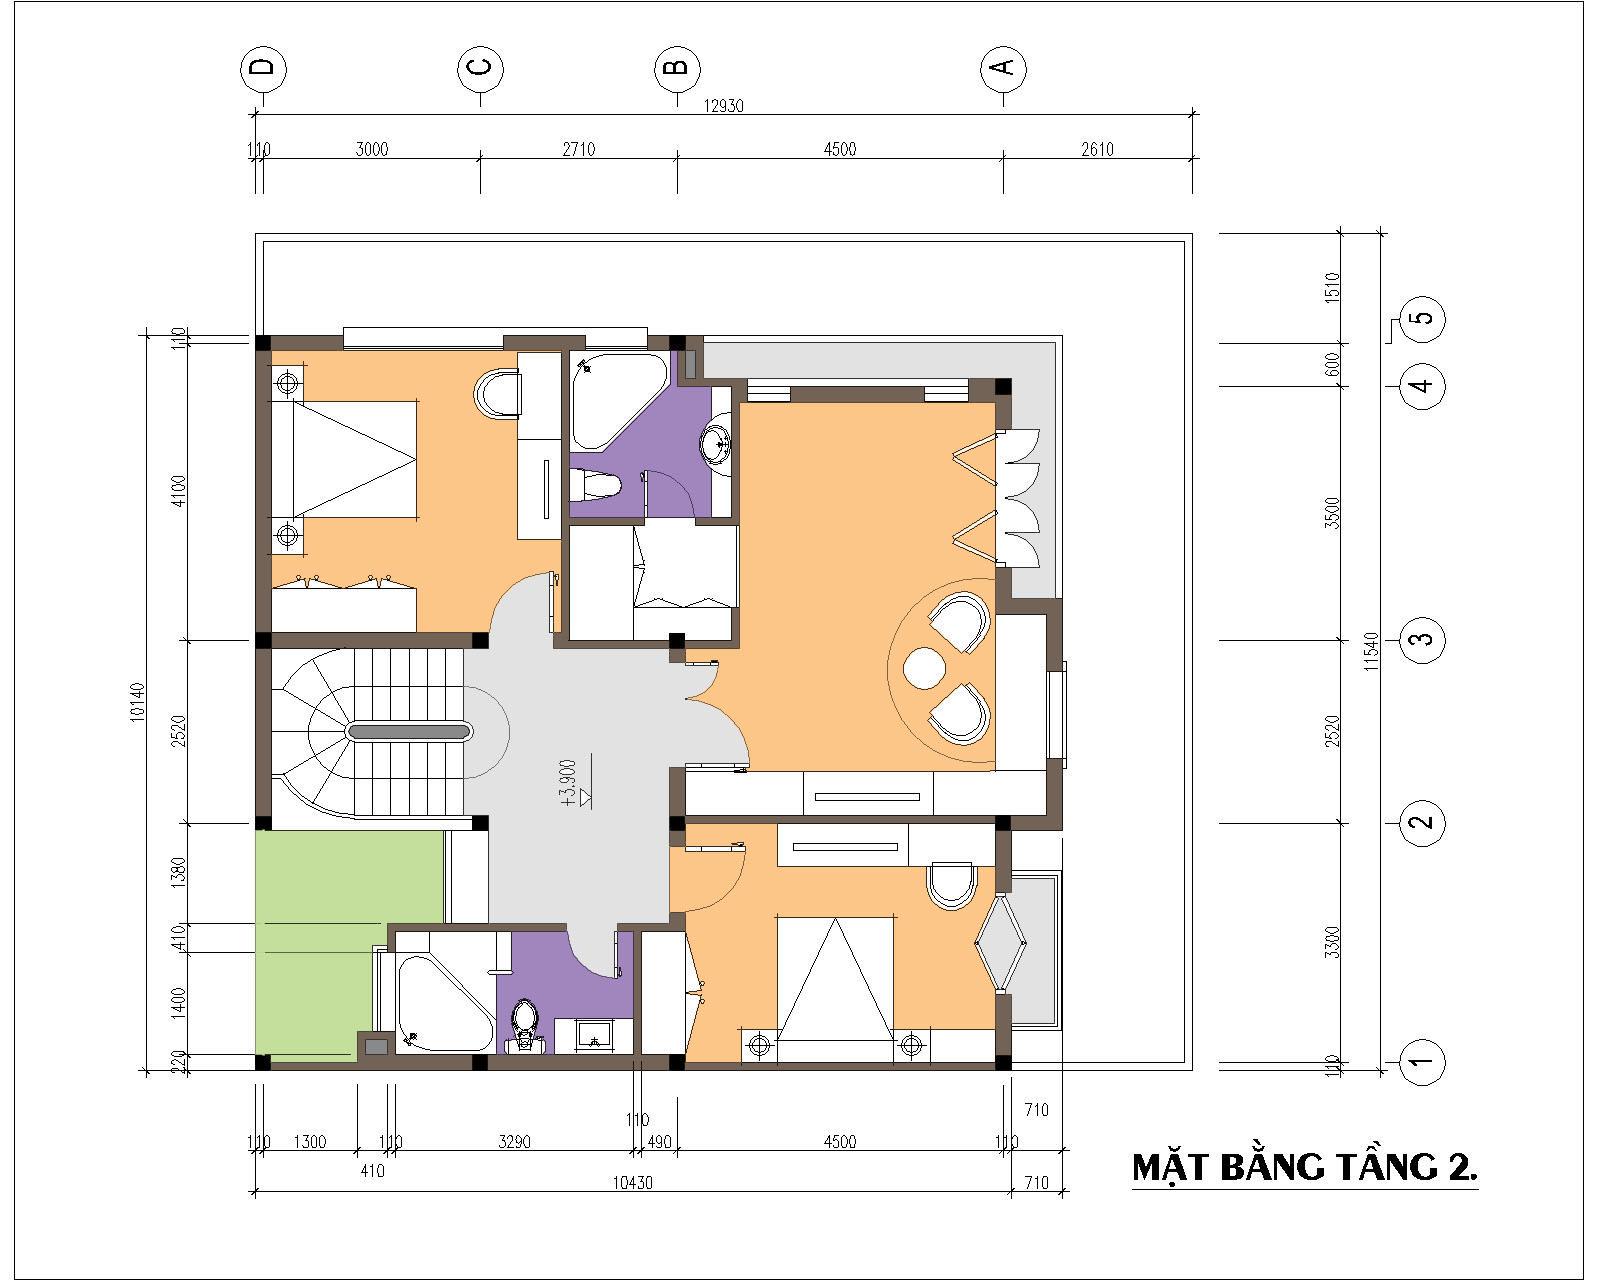 Biệt thự / nhà vườn 10x10m trên đất 12x13m - Mặt bằng tầng 2